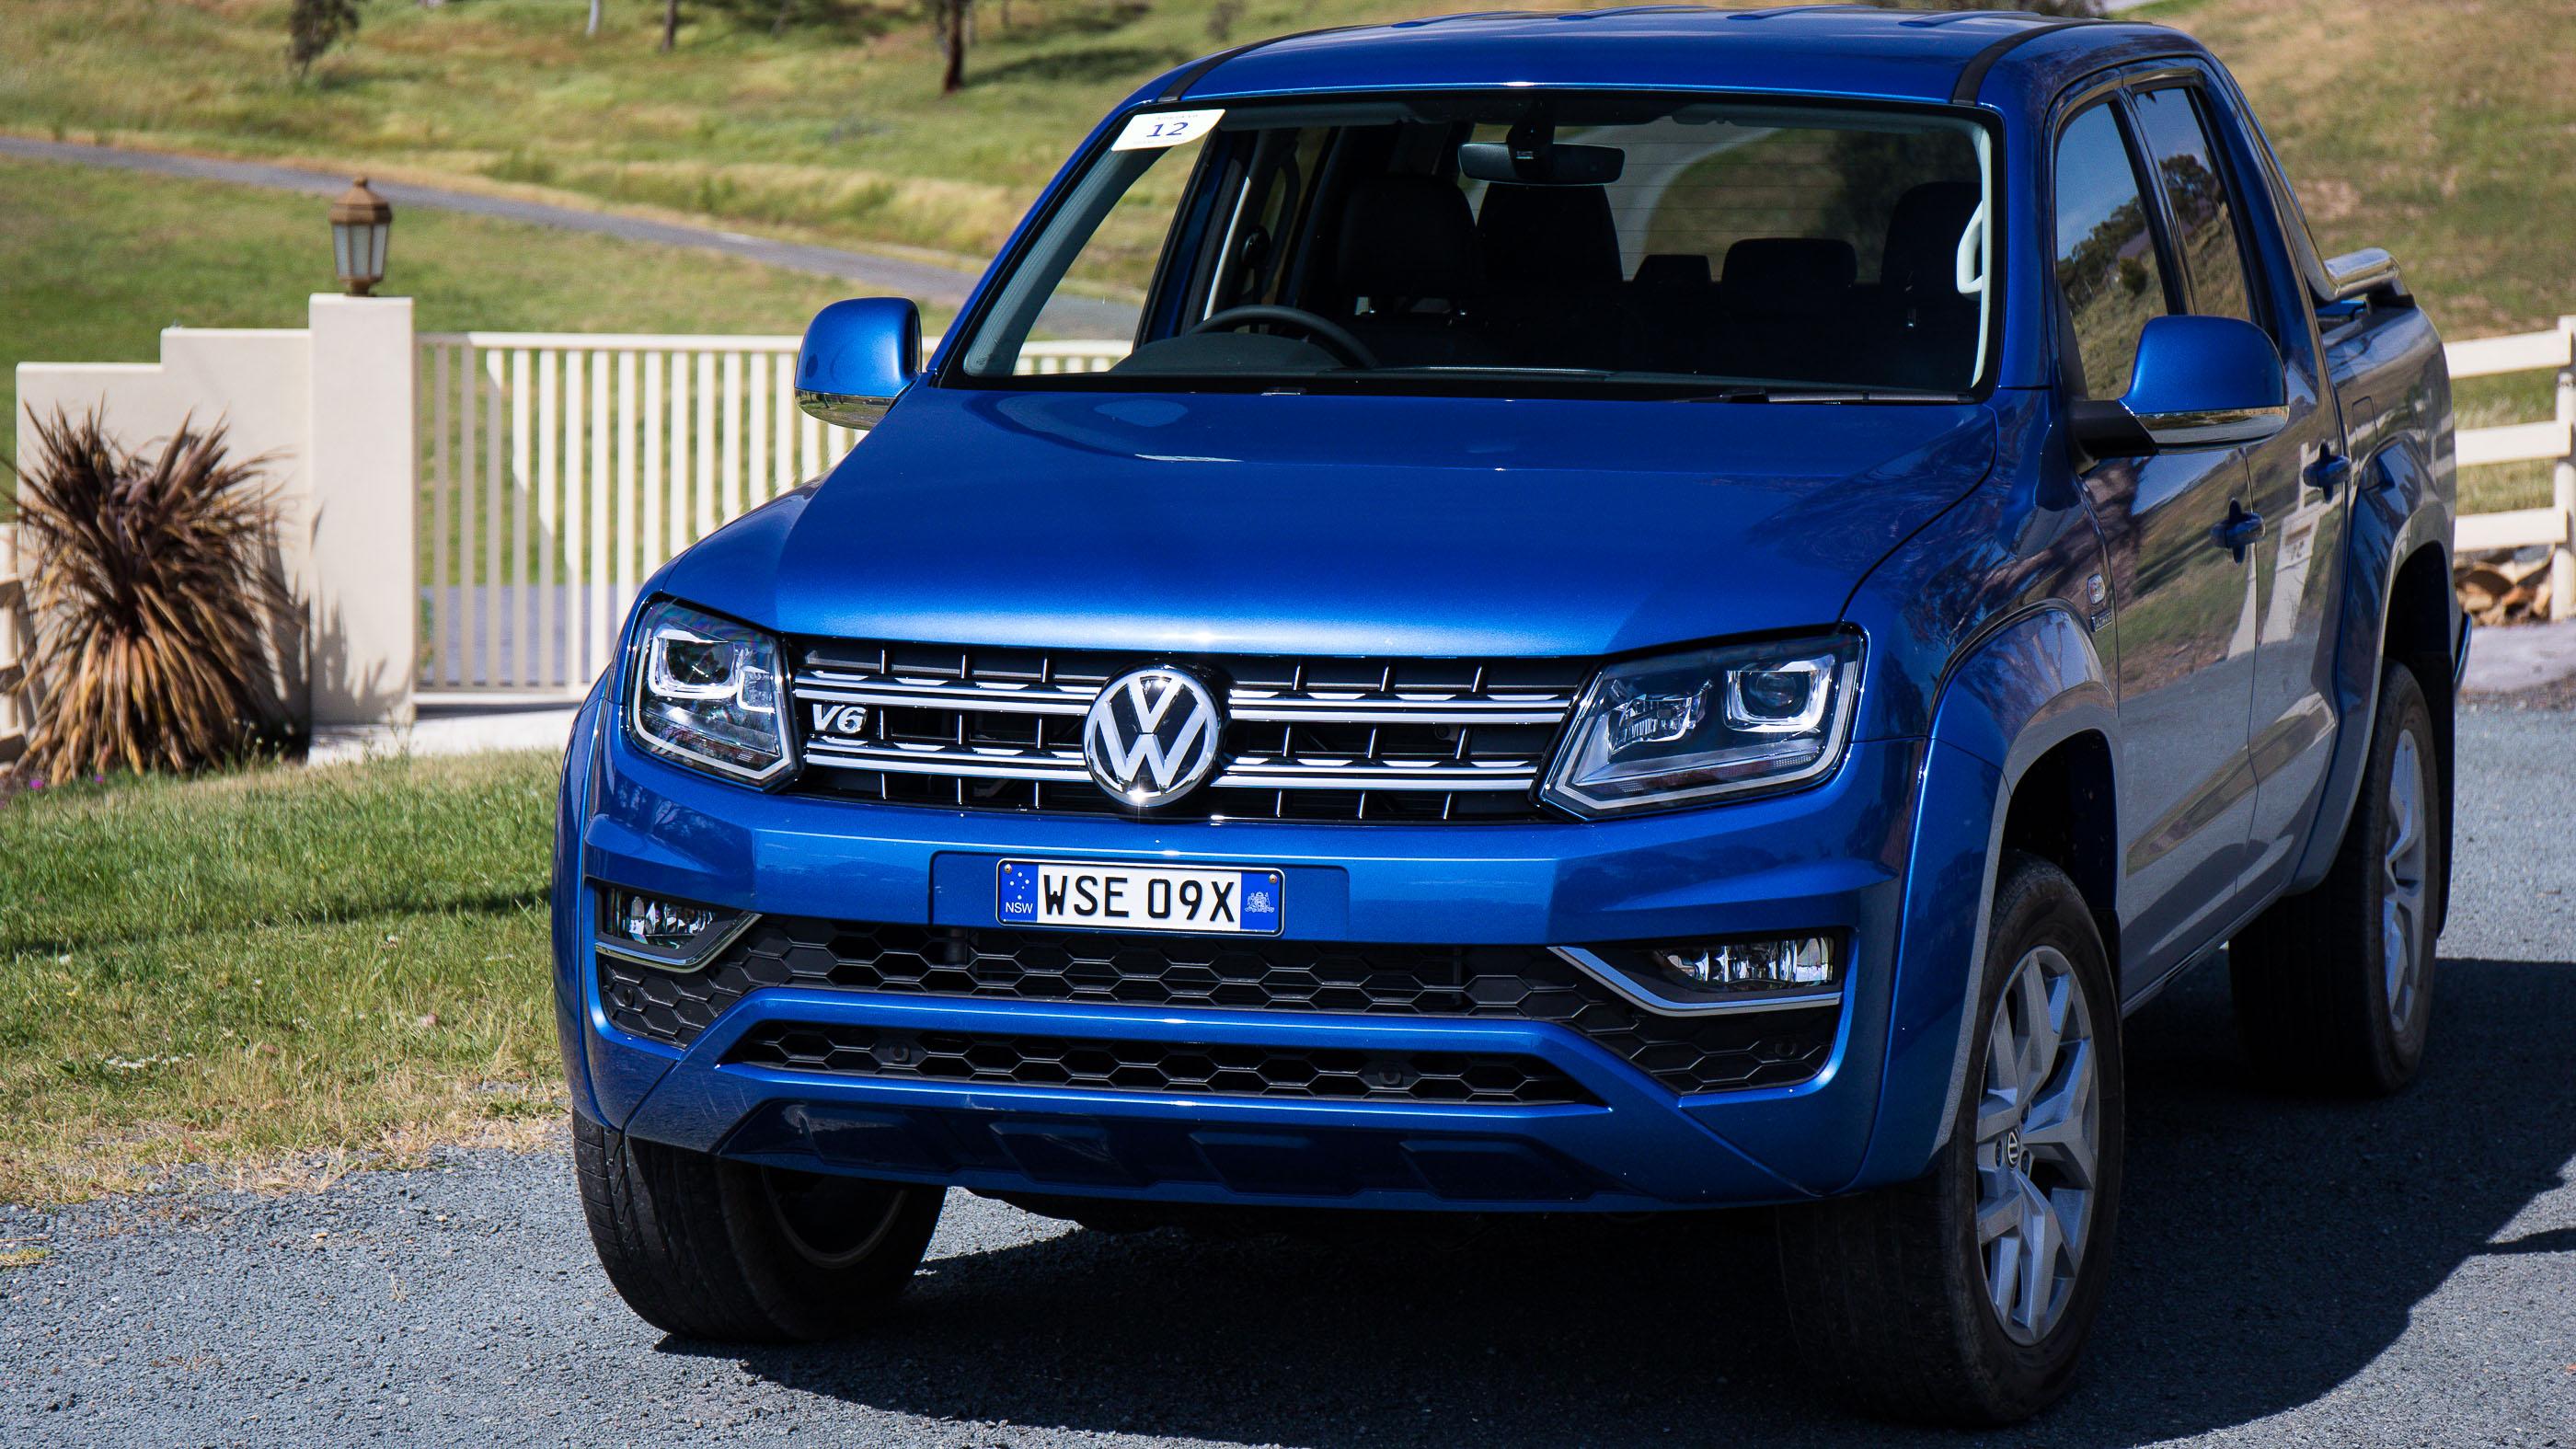 Volkswagen Amarok photo 171738